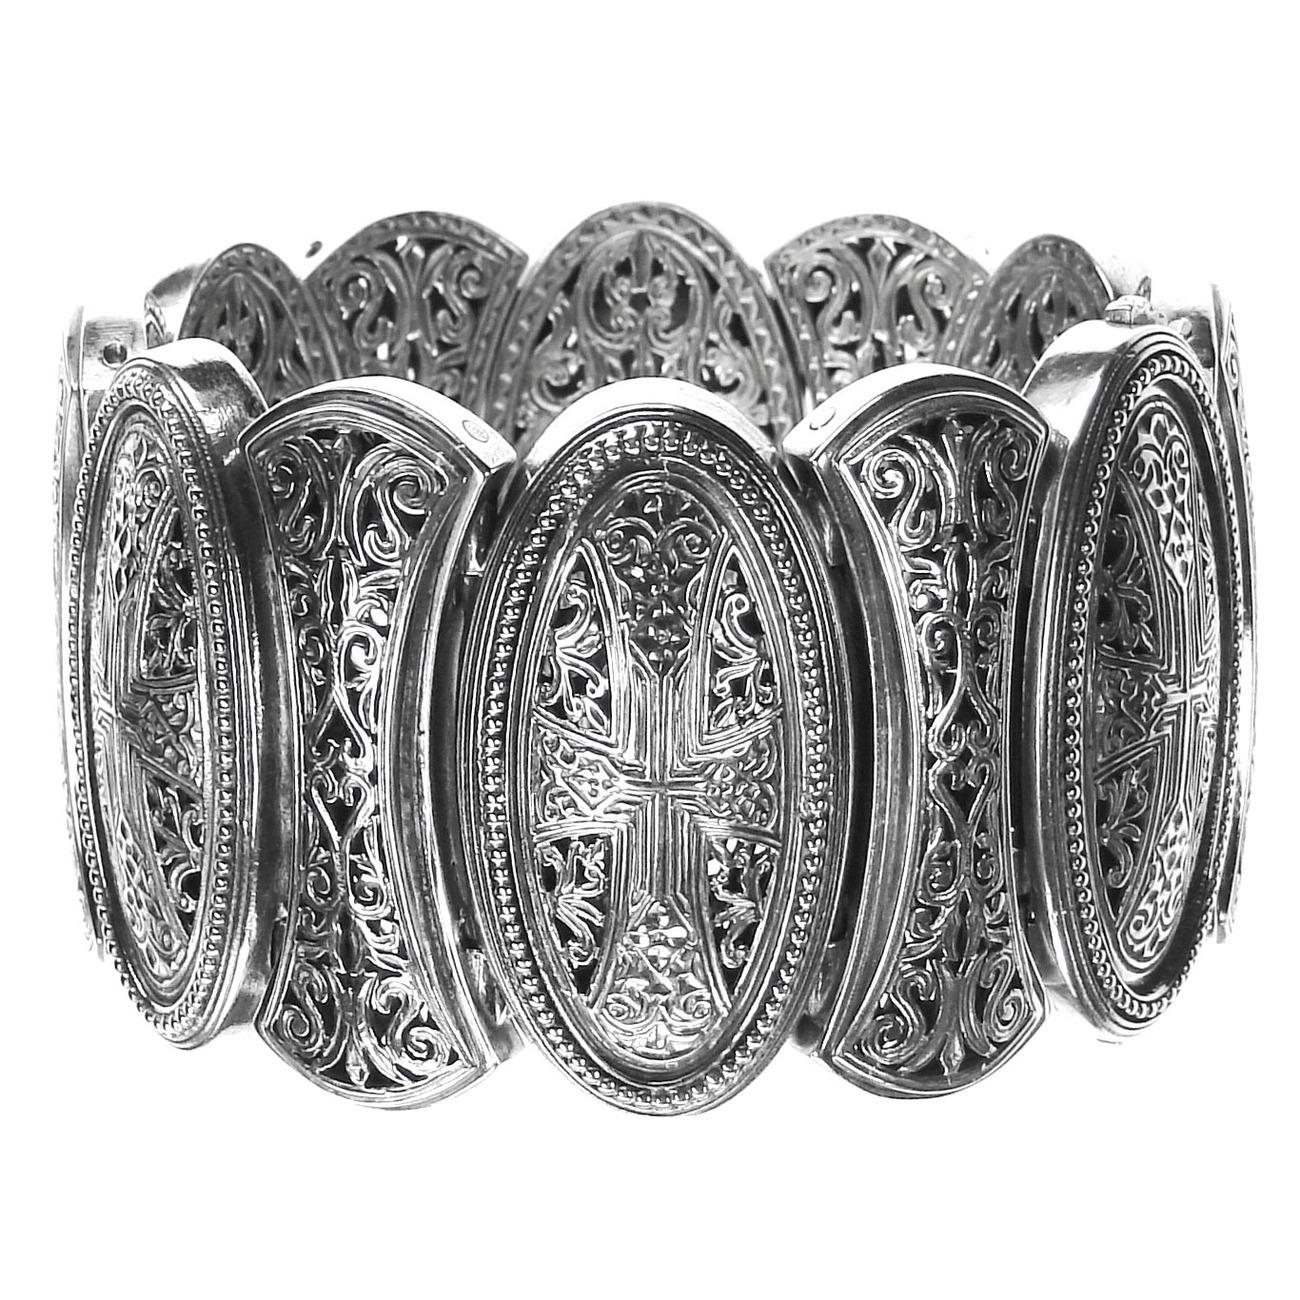 02006352 gerochristo 6352 byzantine medieval cross bracelet 1